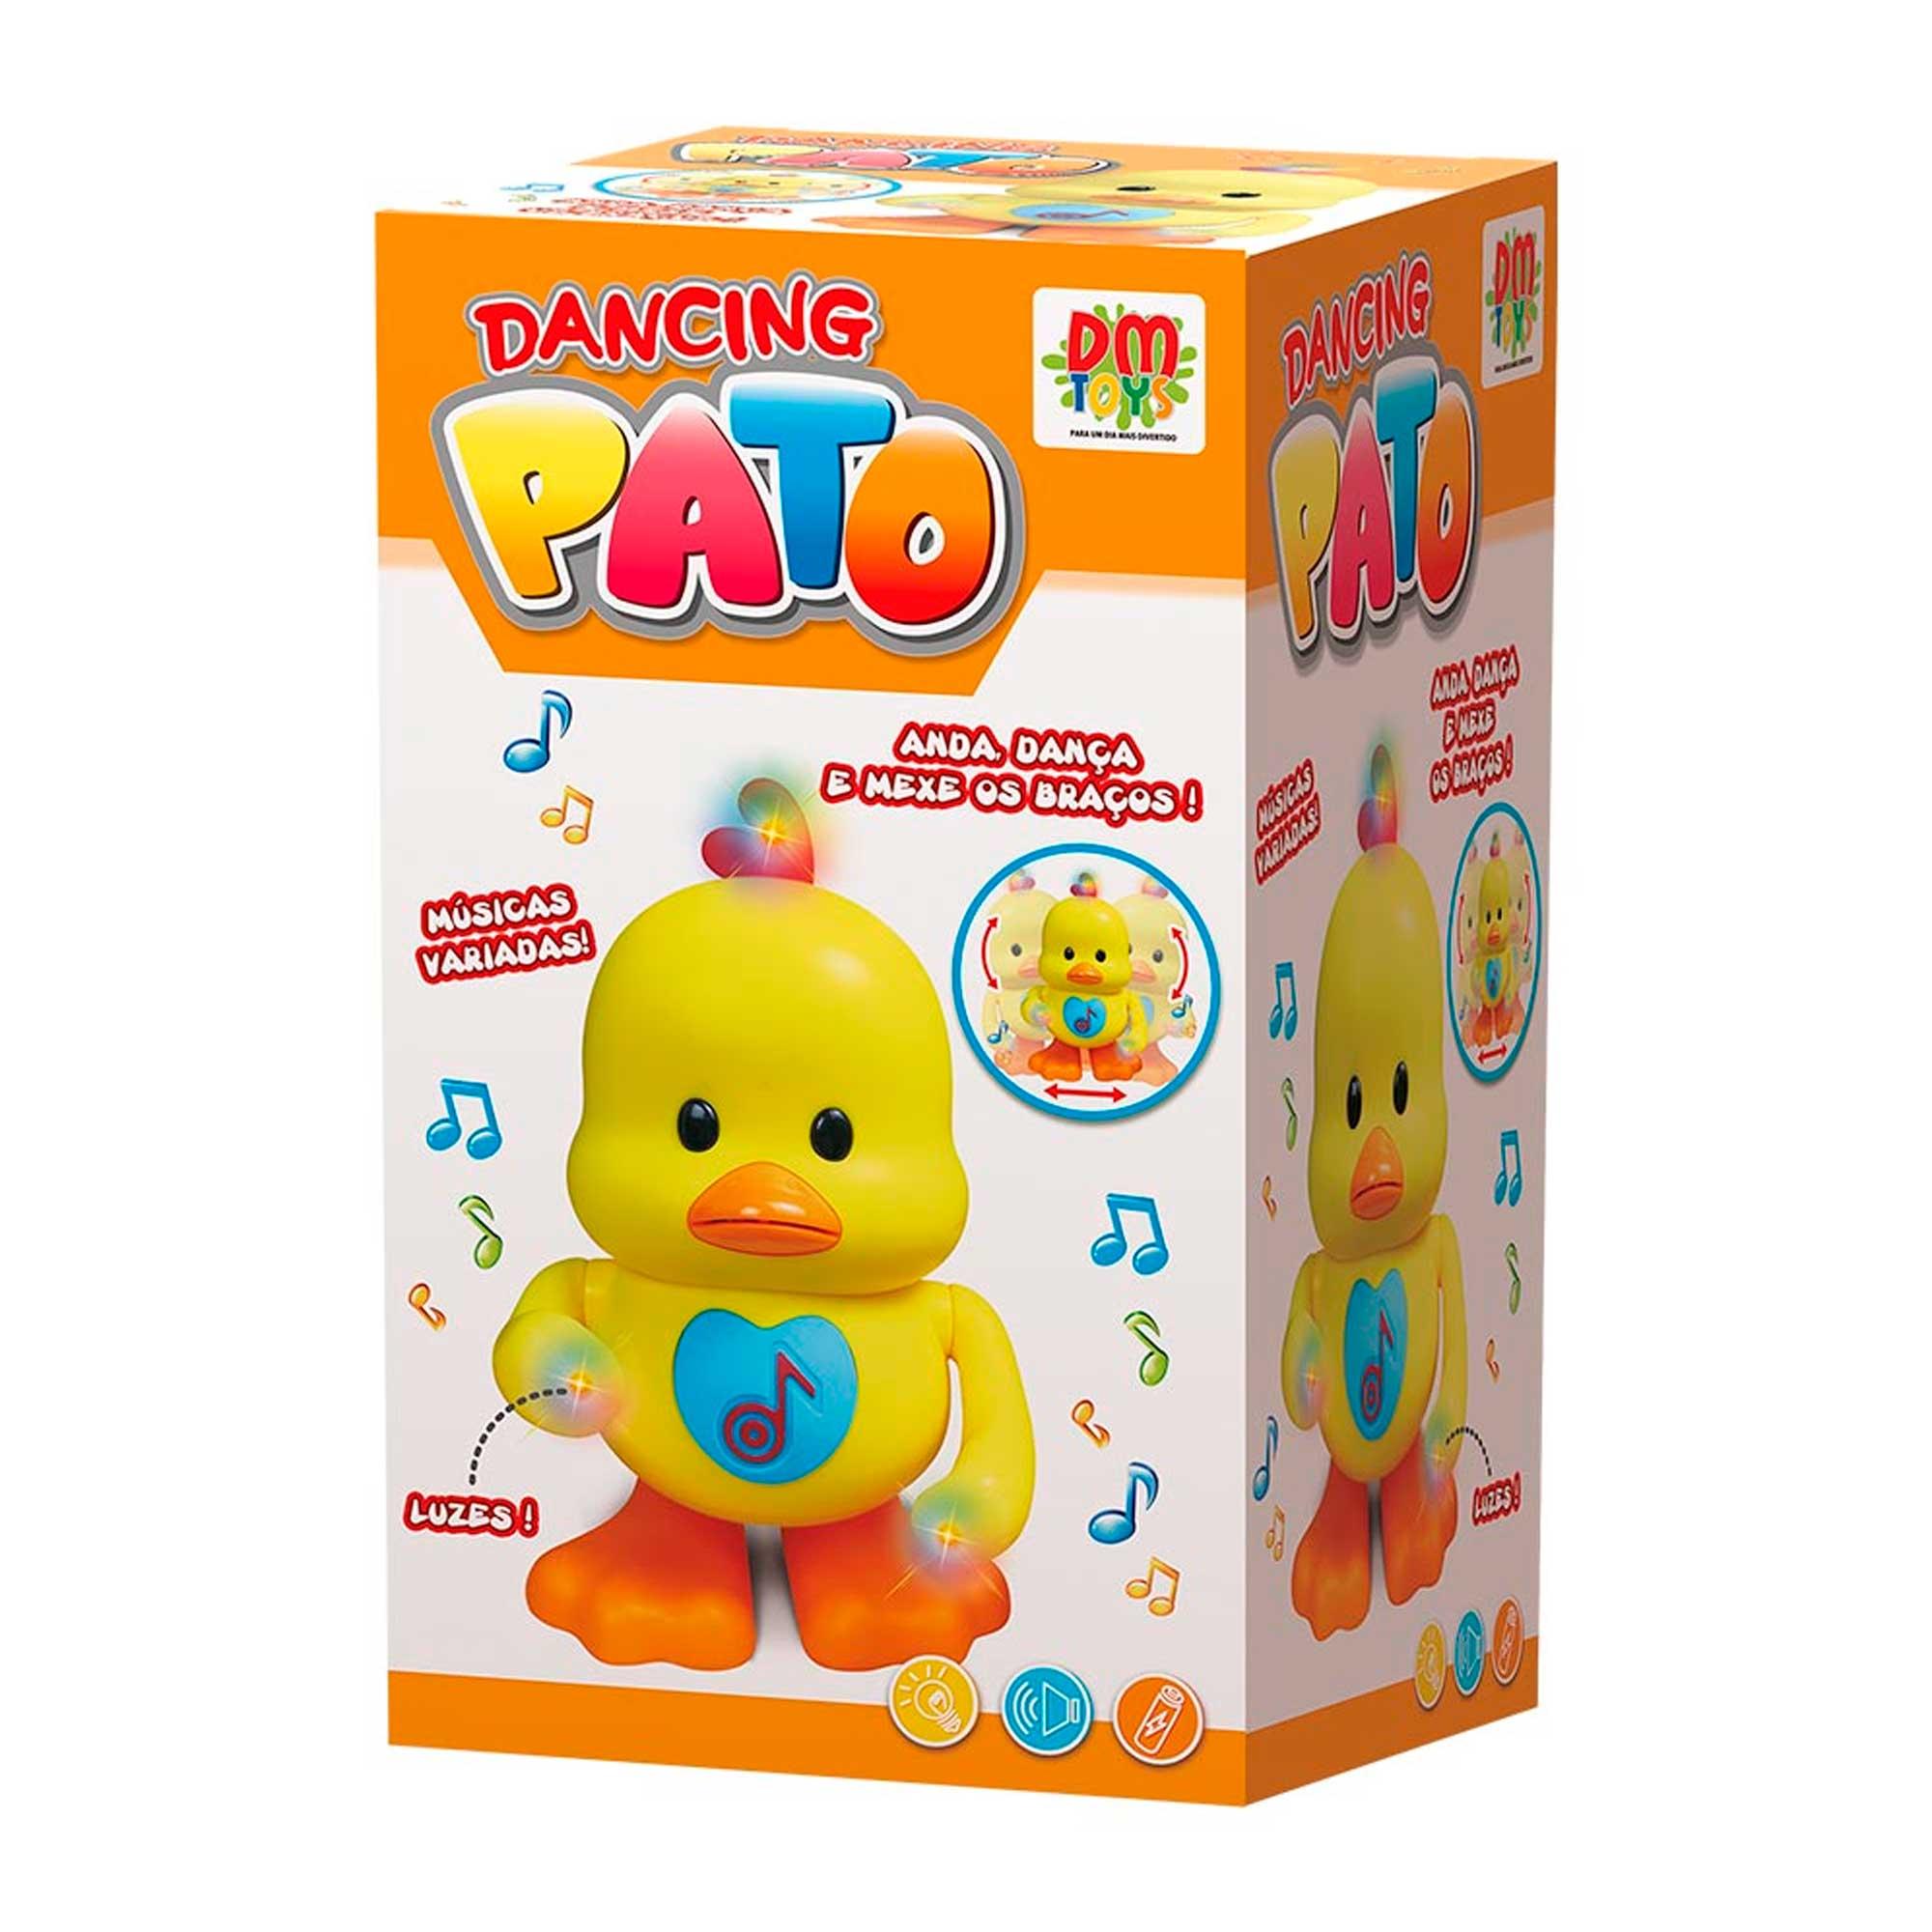 Pato Dançante Brinquedo Musical C/ Luz E Som